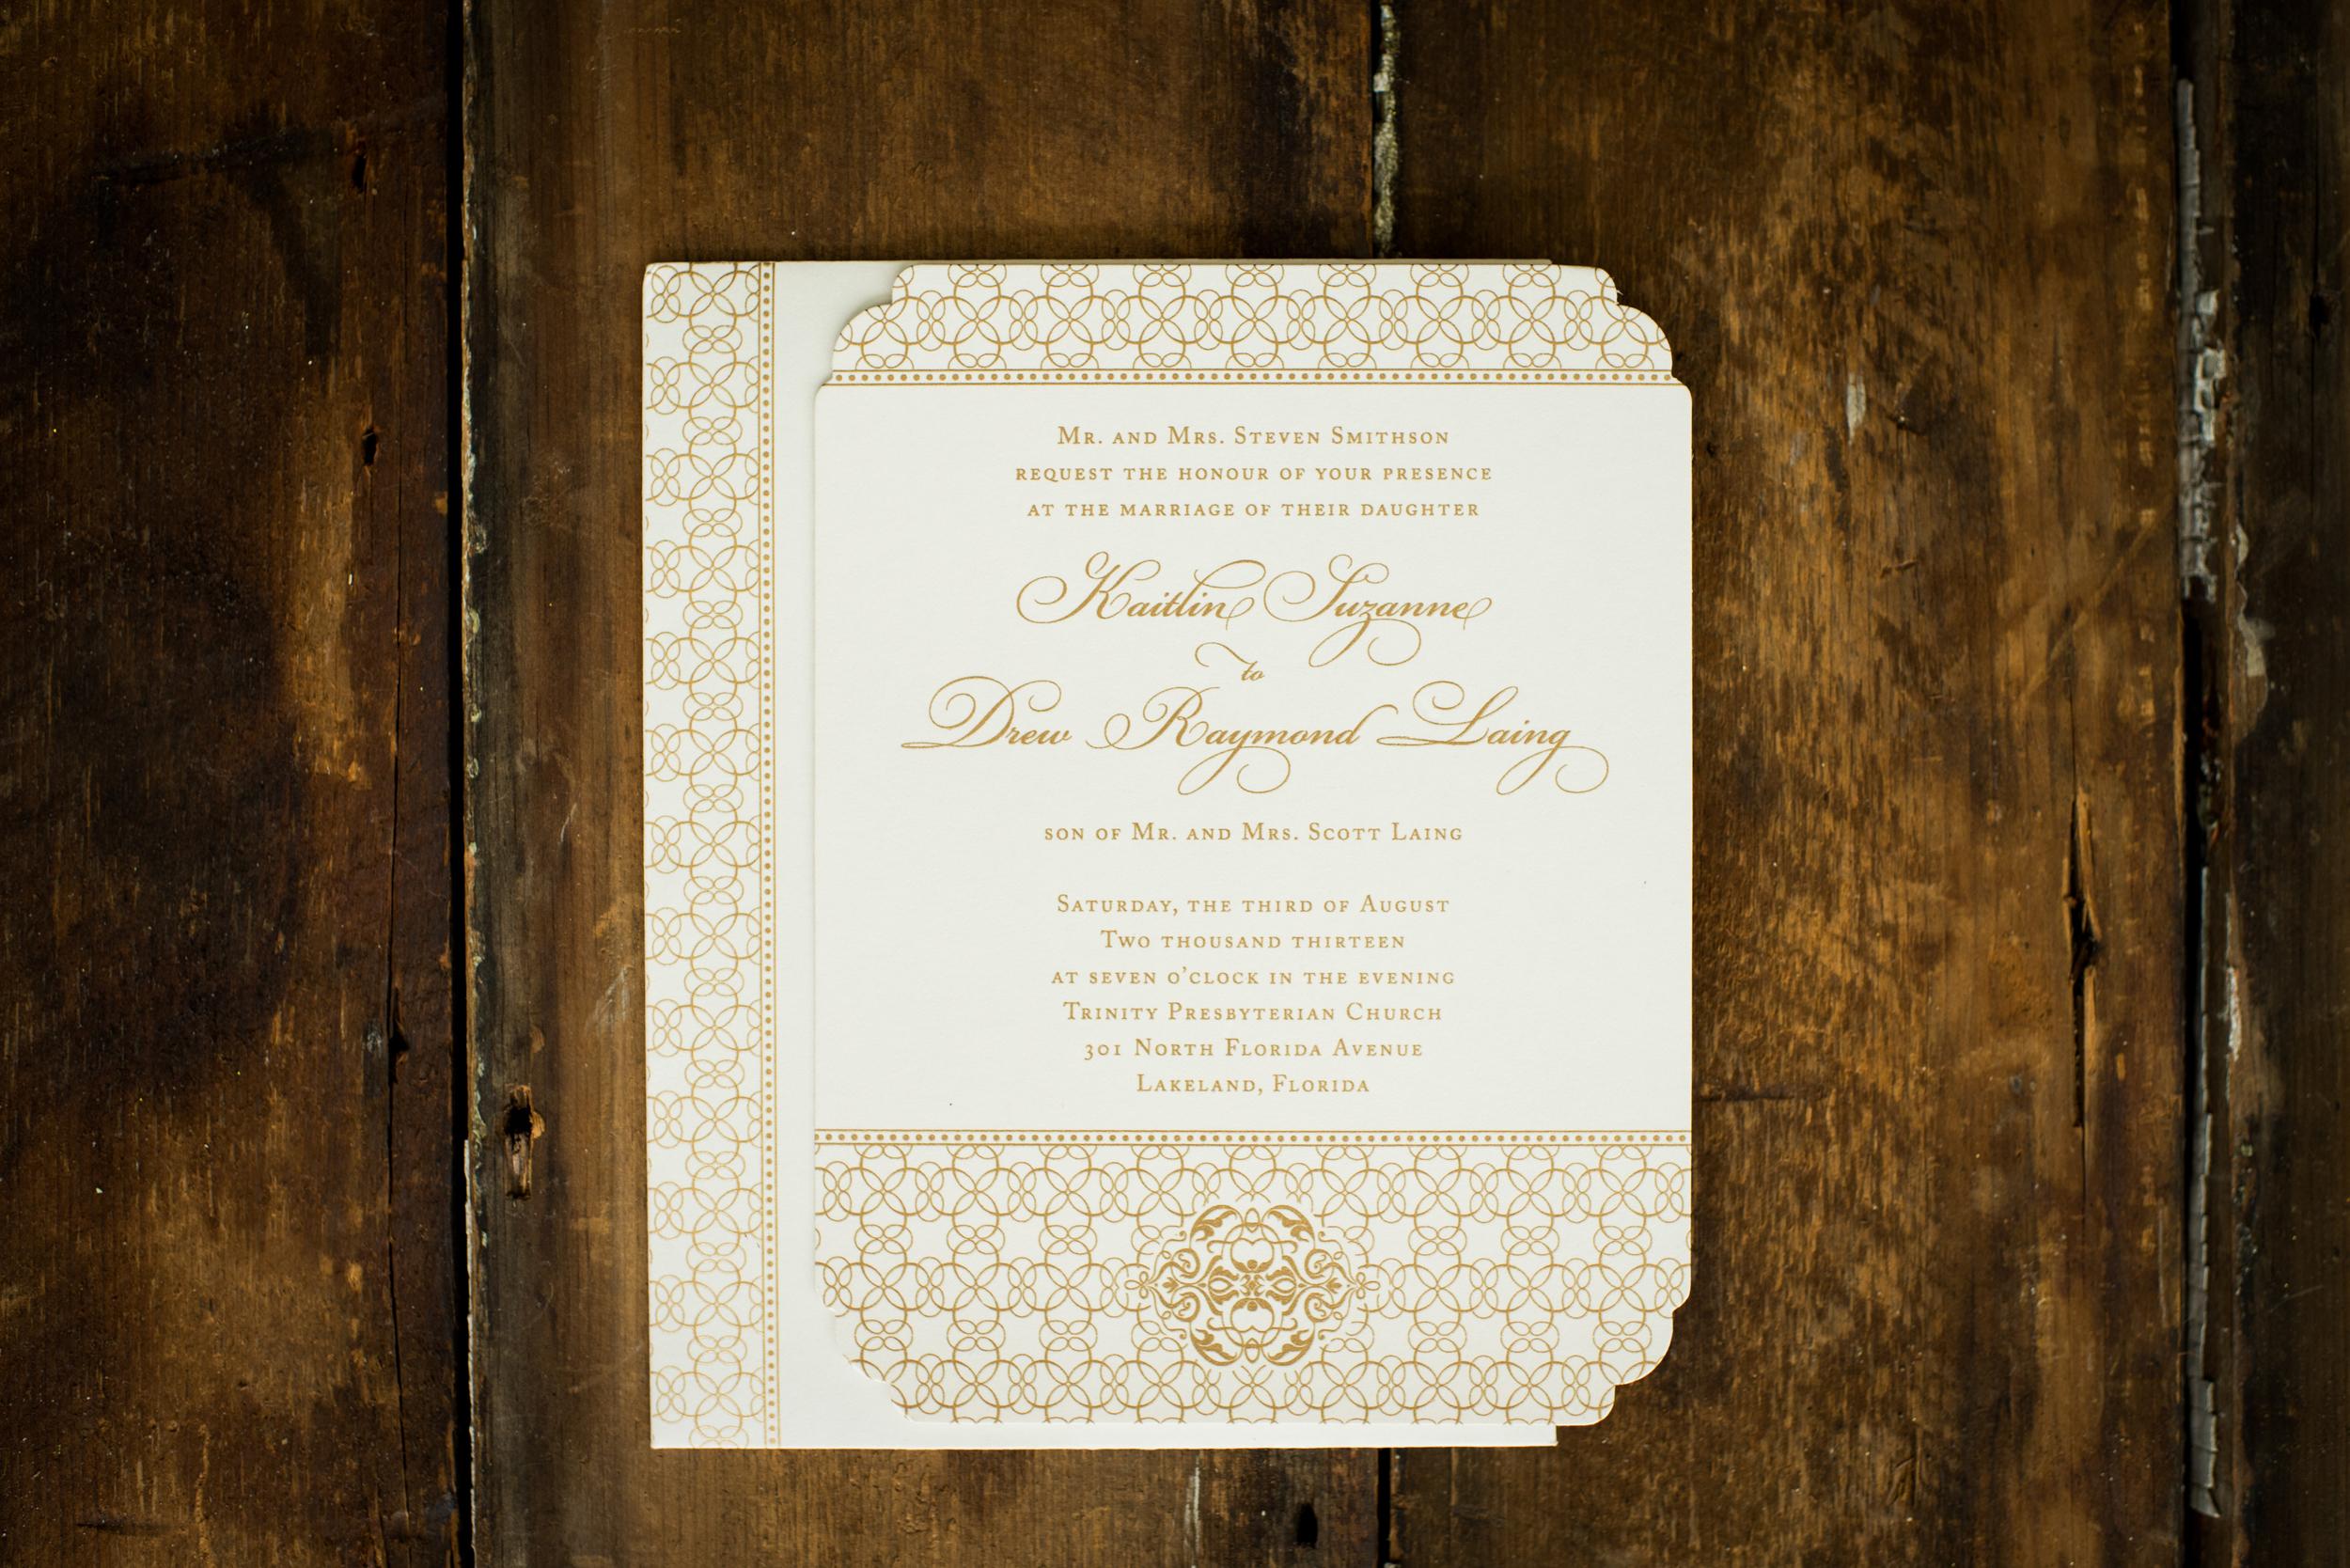 invitation SL-21.jpg